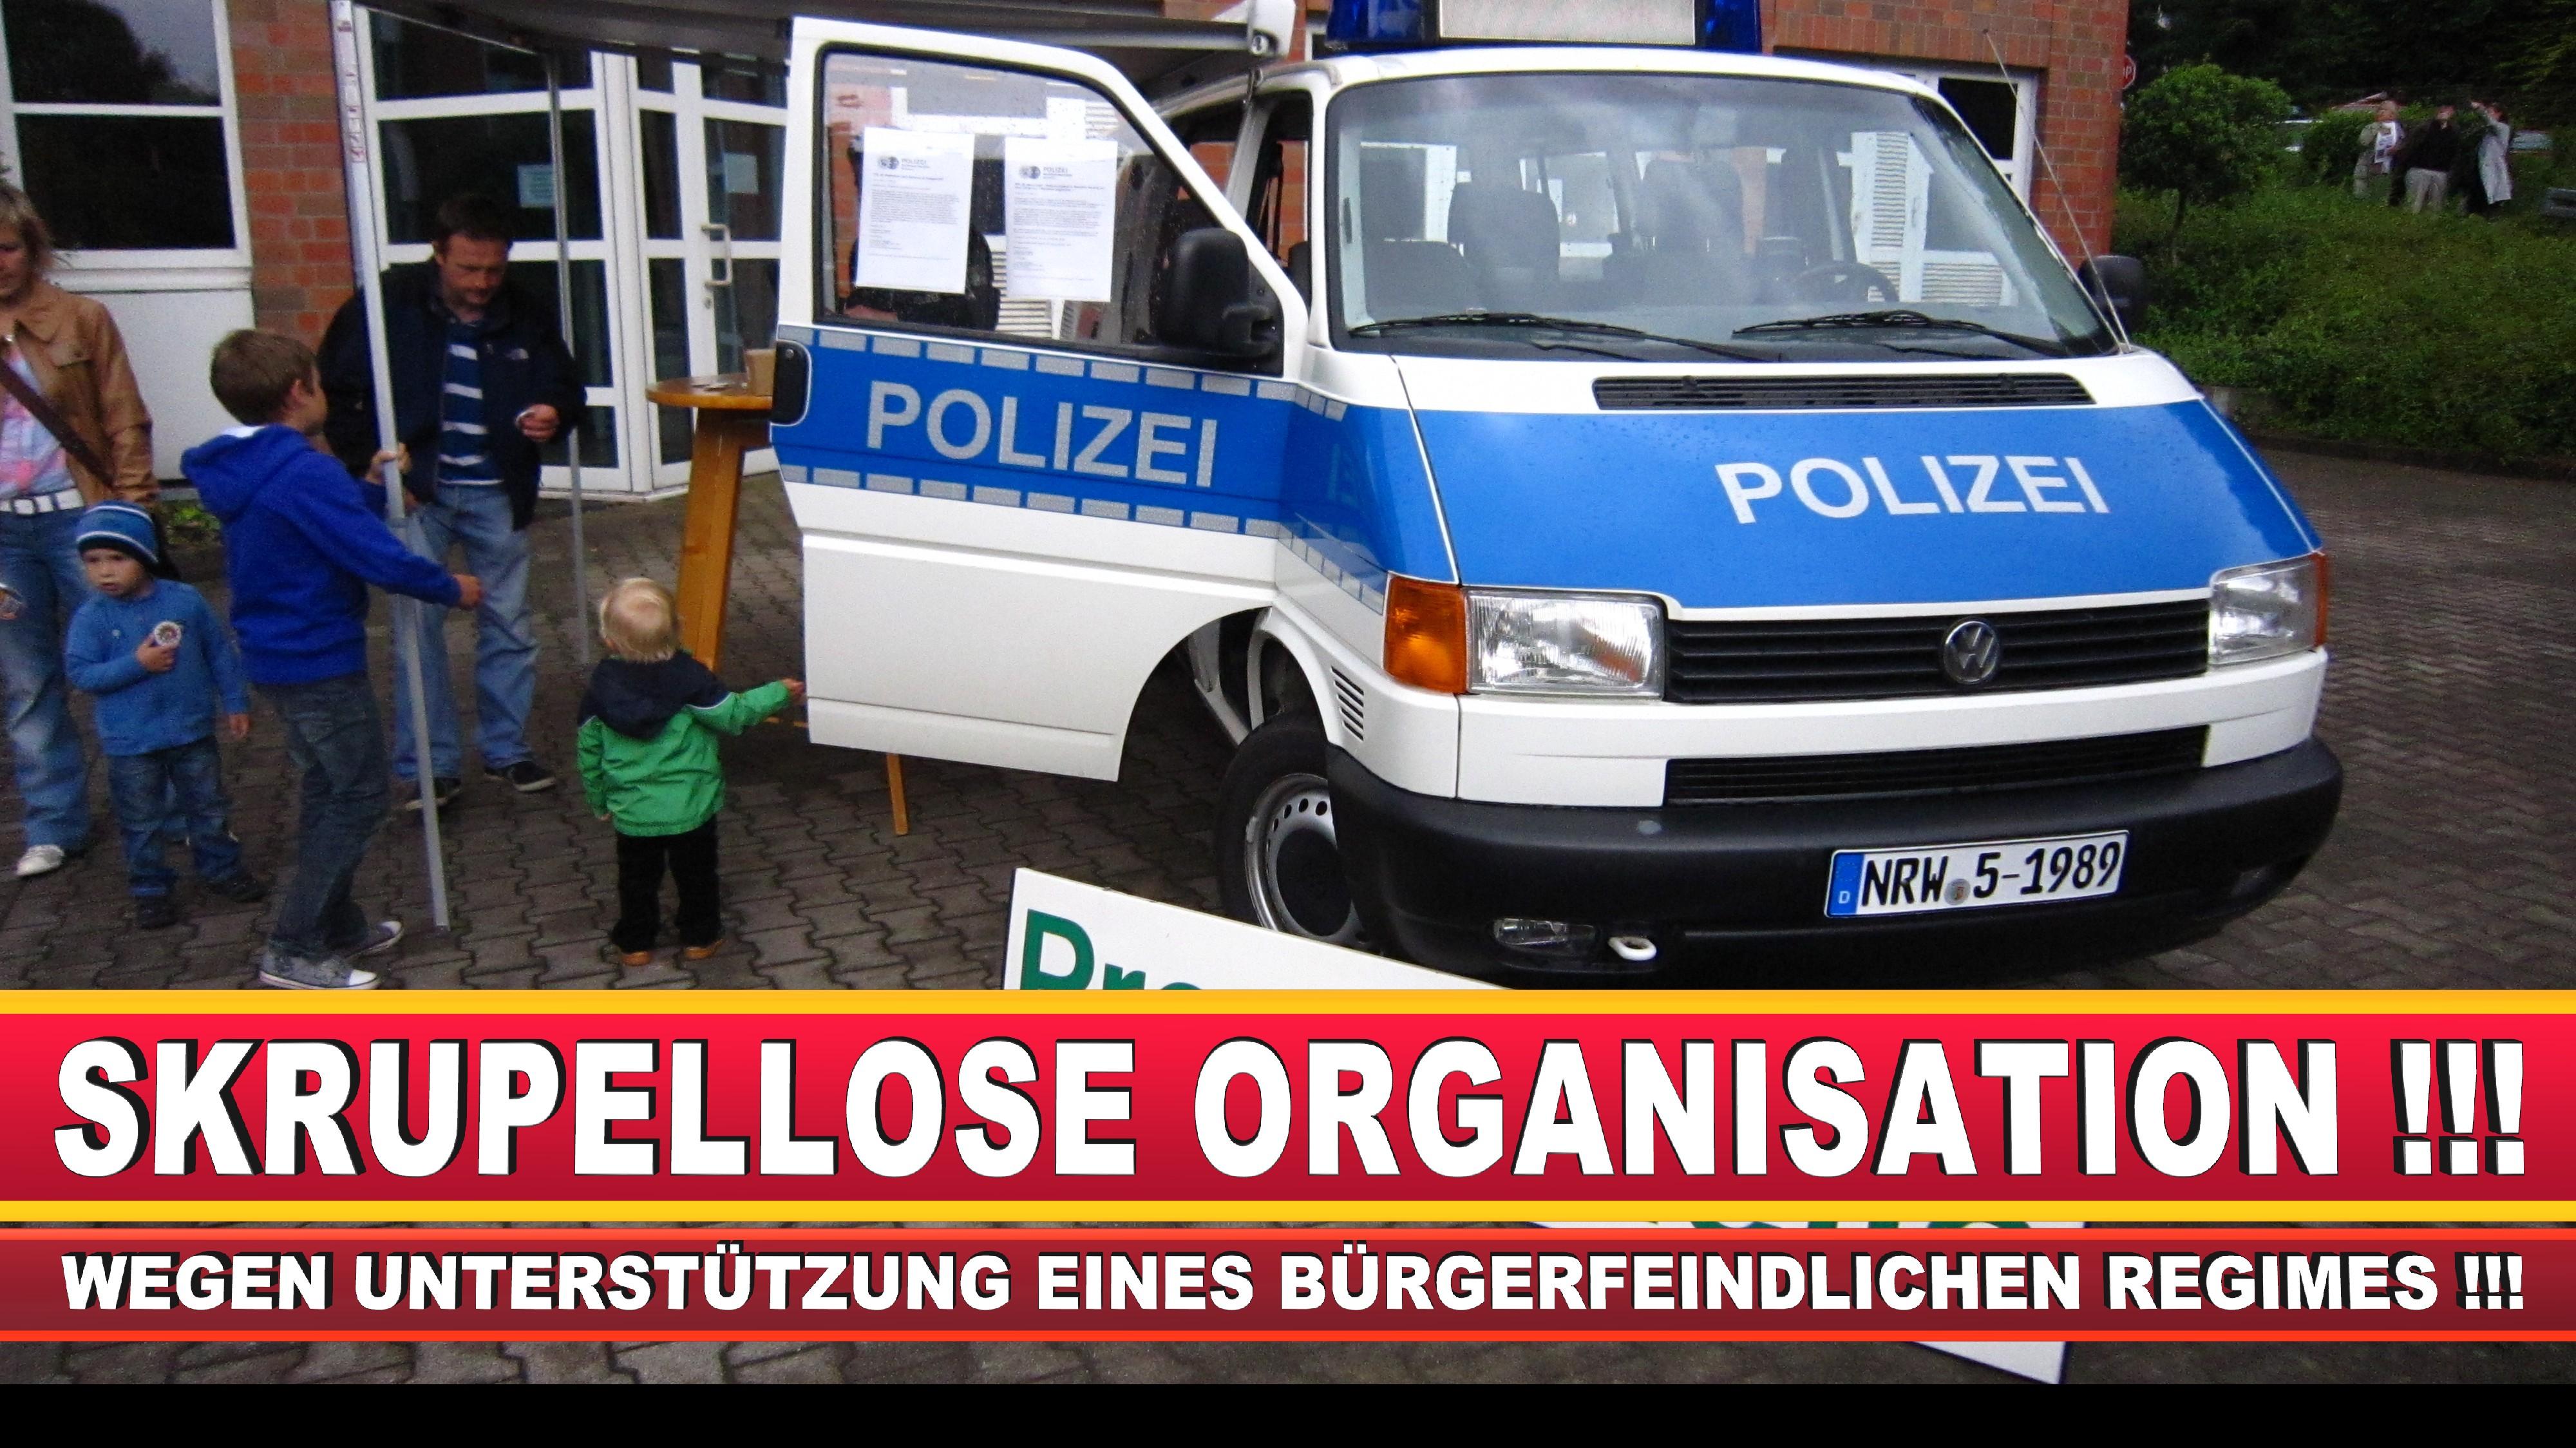 Polizeipräsidentin Katharina Giere Polizei Bielefeld NRW Erwin Südfeld Horst Kruse Polizeiuniform Polizeigewalt DEMONSTRATION Bahnhof (11)